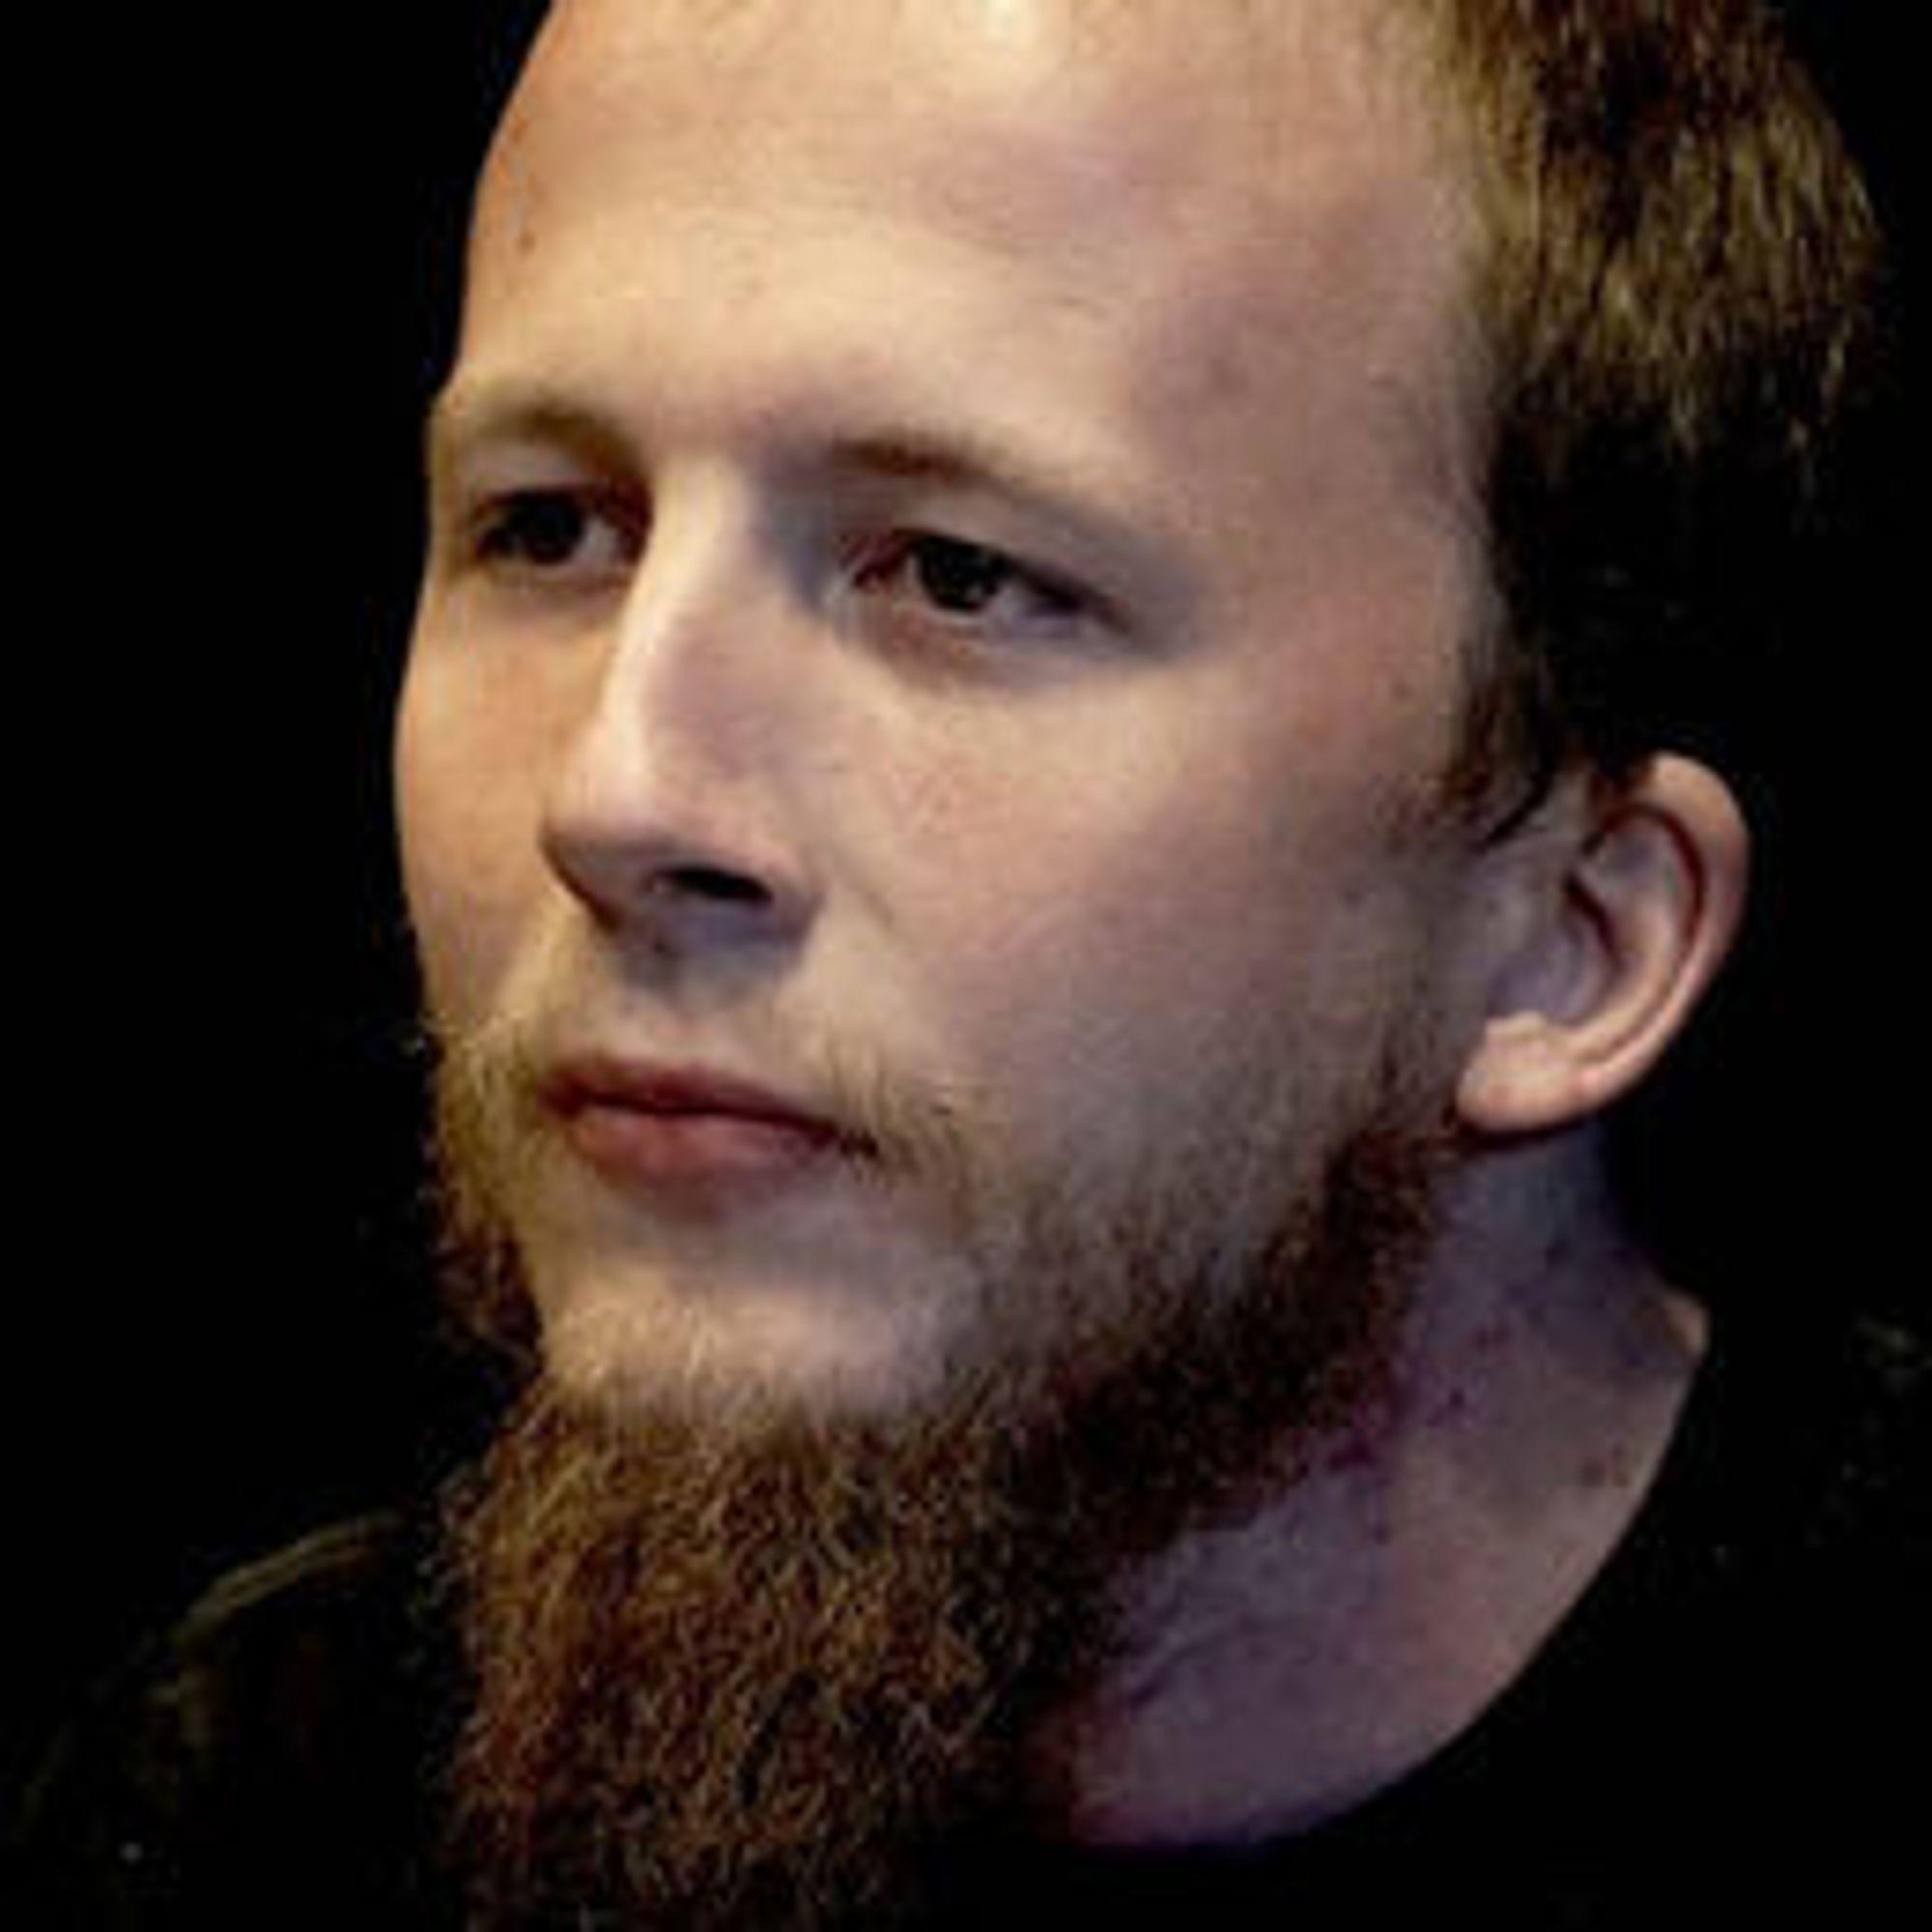 SIKTET: Gottfrid Svartholm Warg er hovedmistenkt bak hackerangrepet i Danmark, slik han var det i den nettopp avsluttede rettssaken i Sverige.